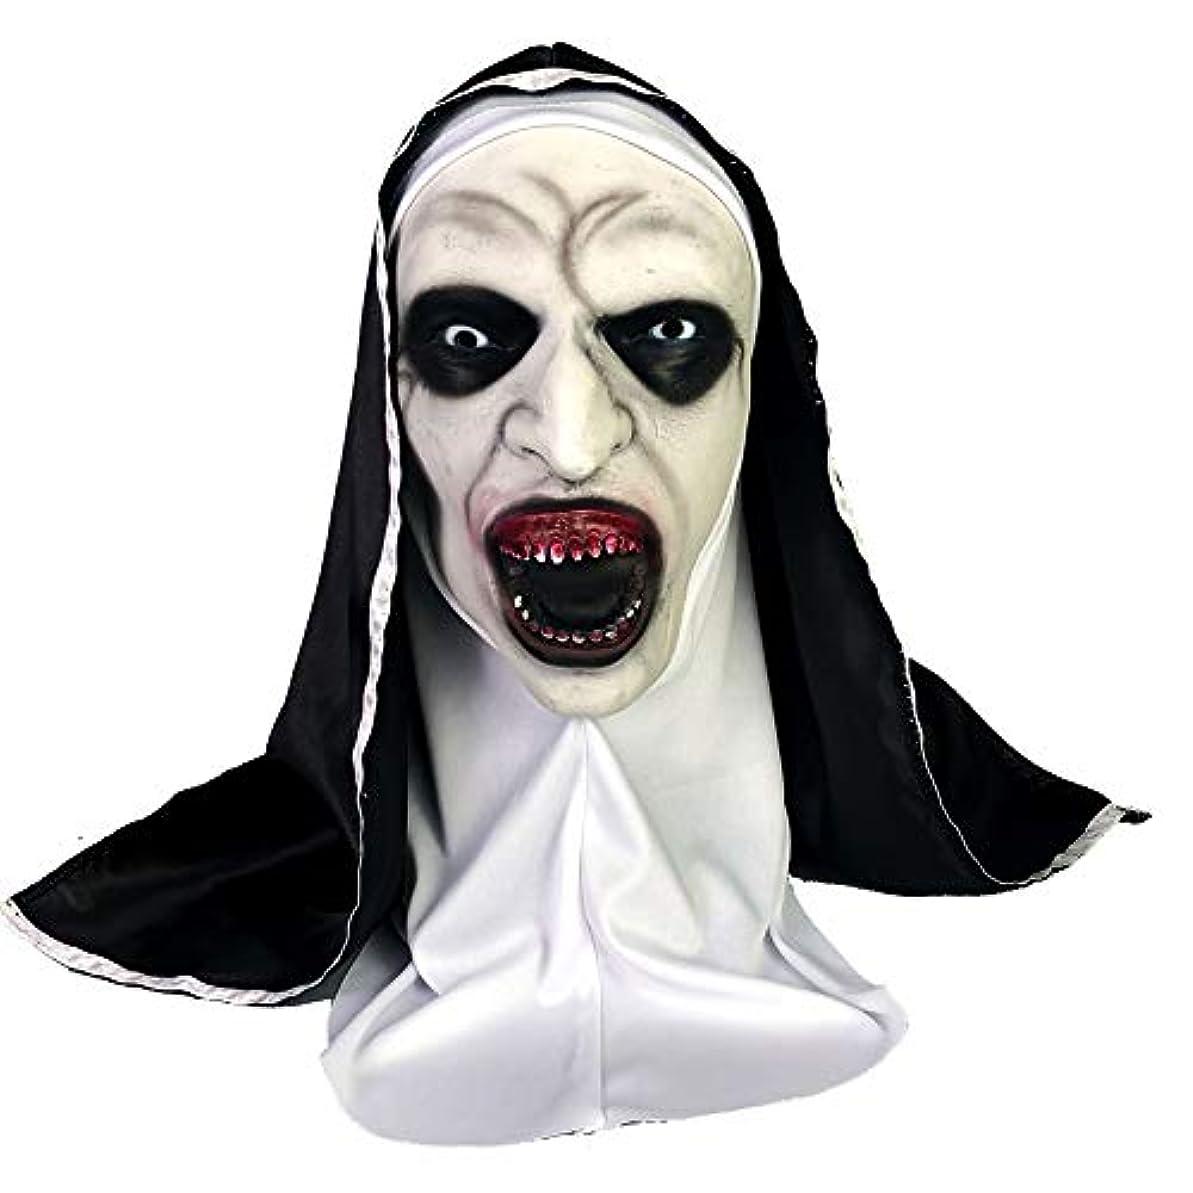 パンダ独立好意KISSION ハロウィンマスク ホラーマスク ユニークなホラー修道女マスク ハロウィンコスプレドレスアップアイテム お化け屋敷パーティー用品